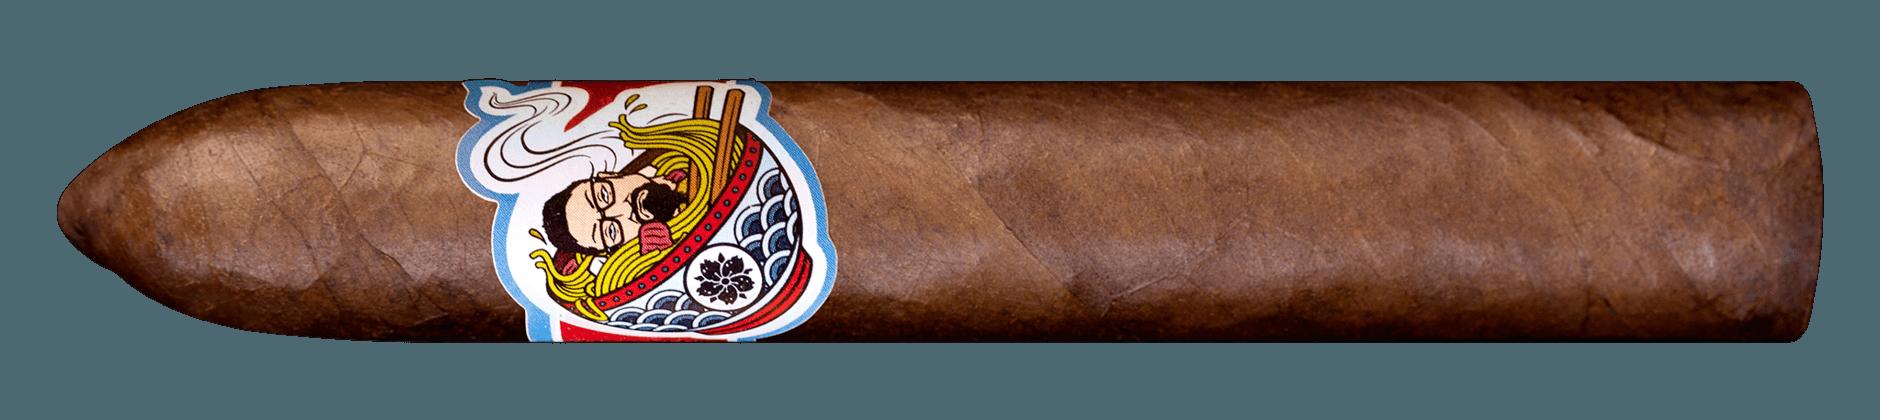 Untitled Cigar Dojo Room101